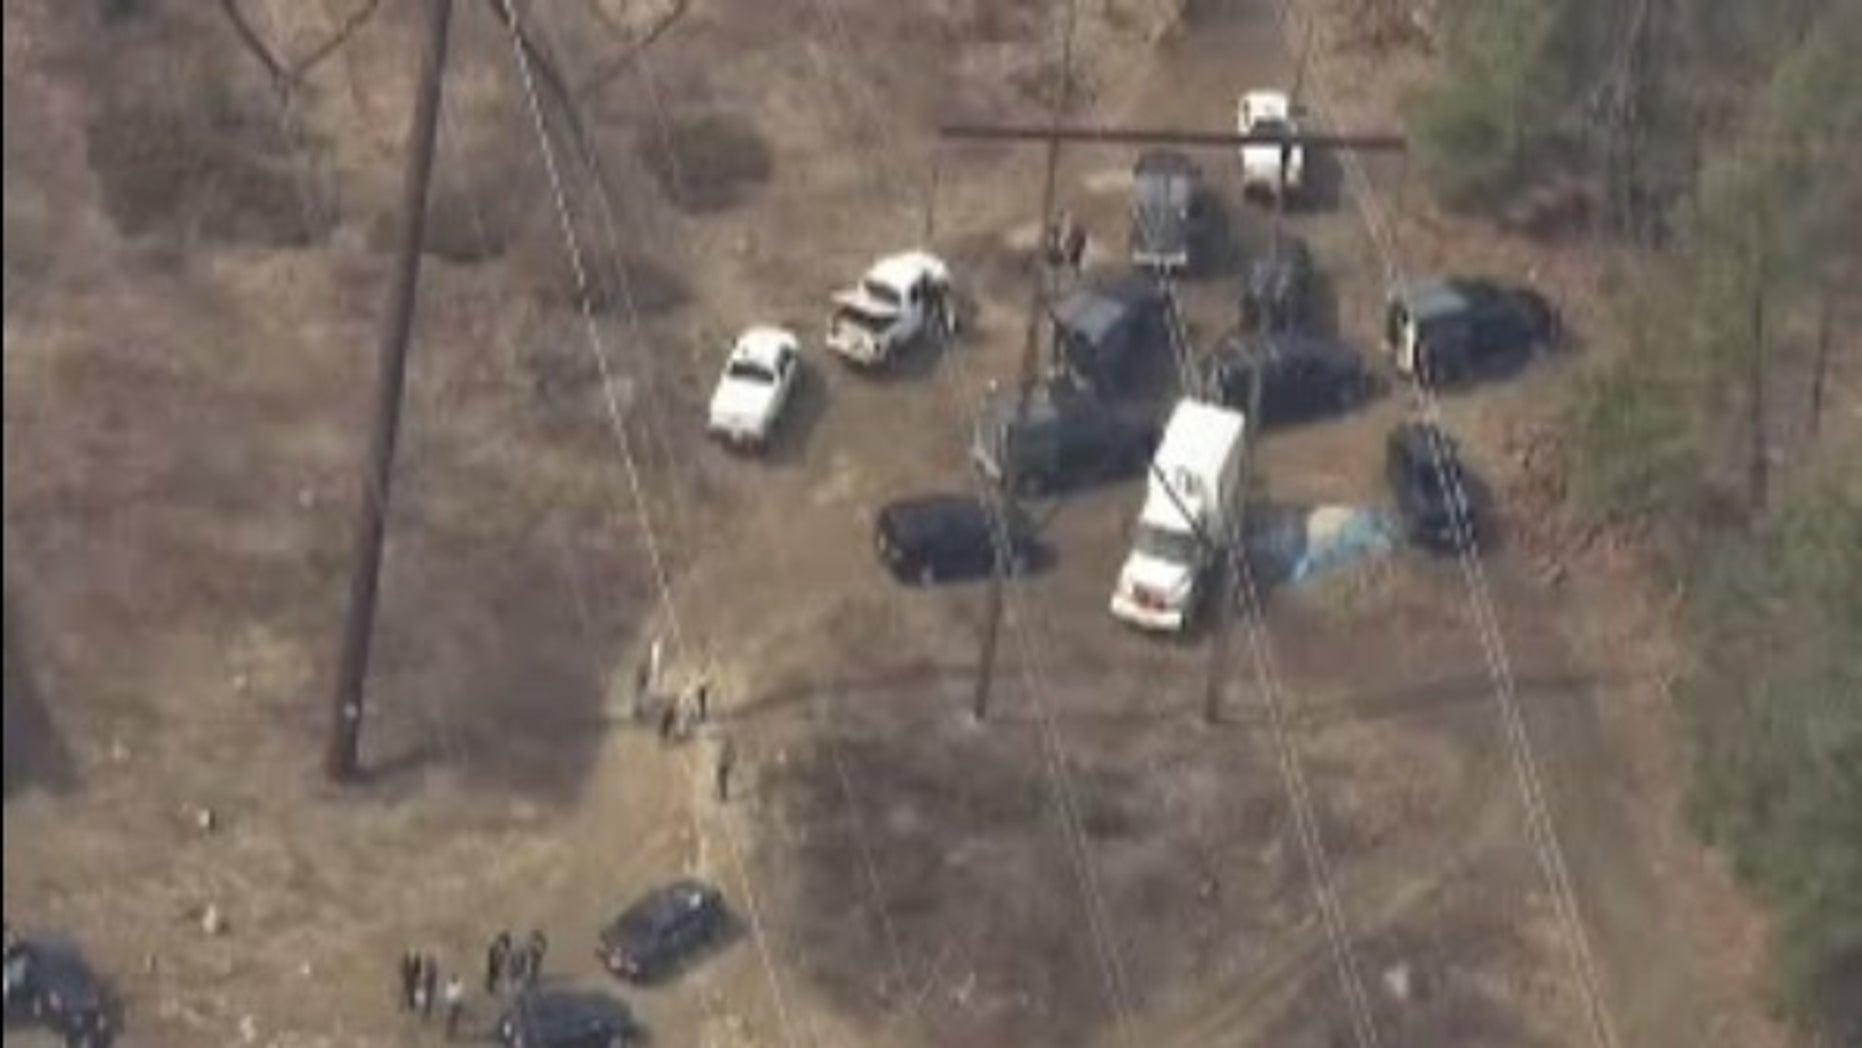 Investigators at the scene where the devices were found.